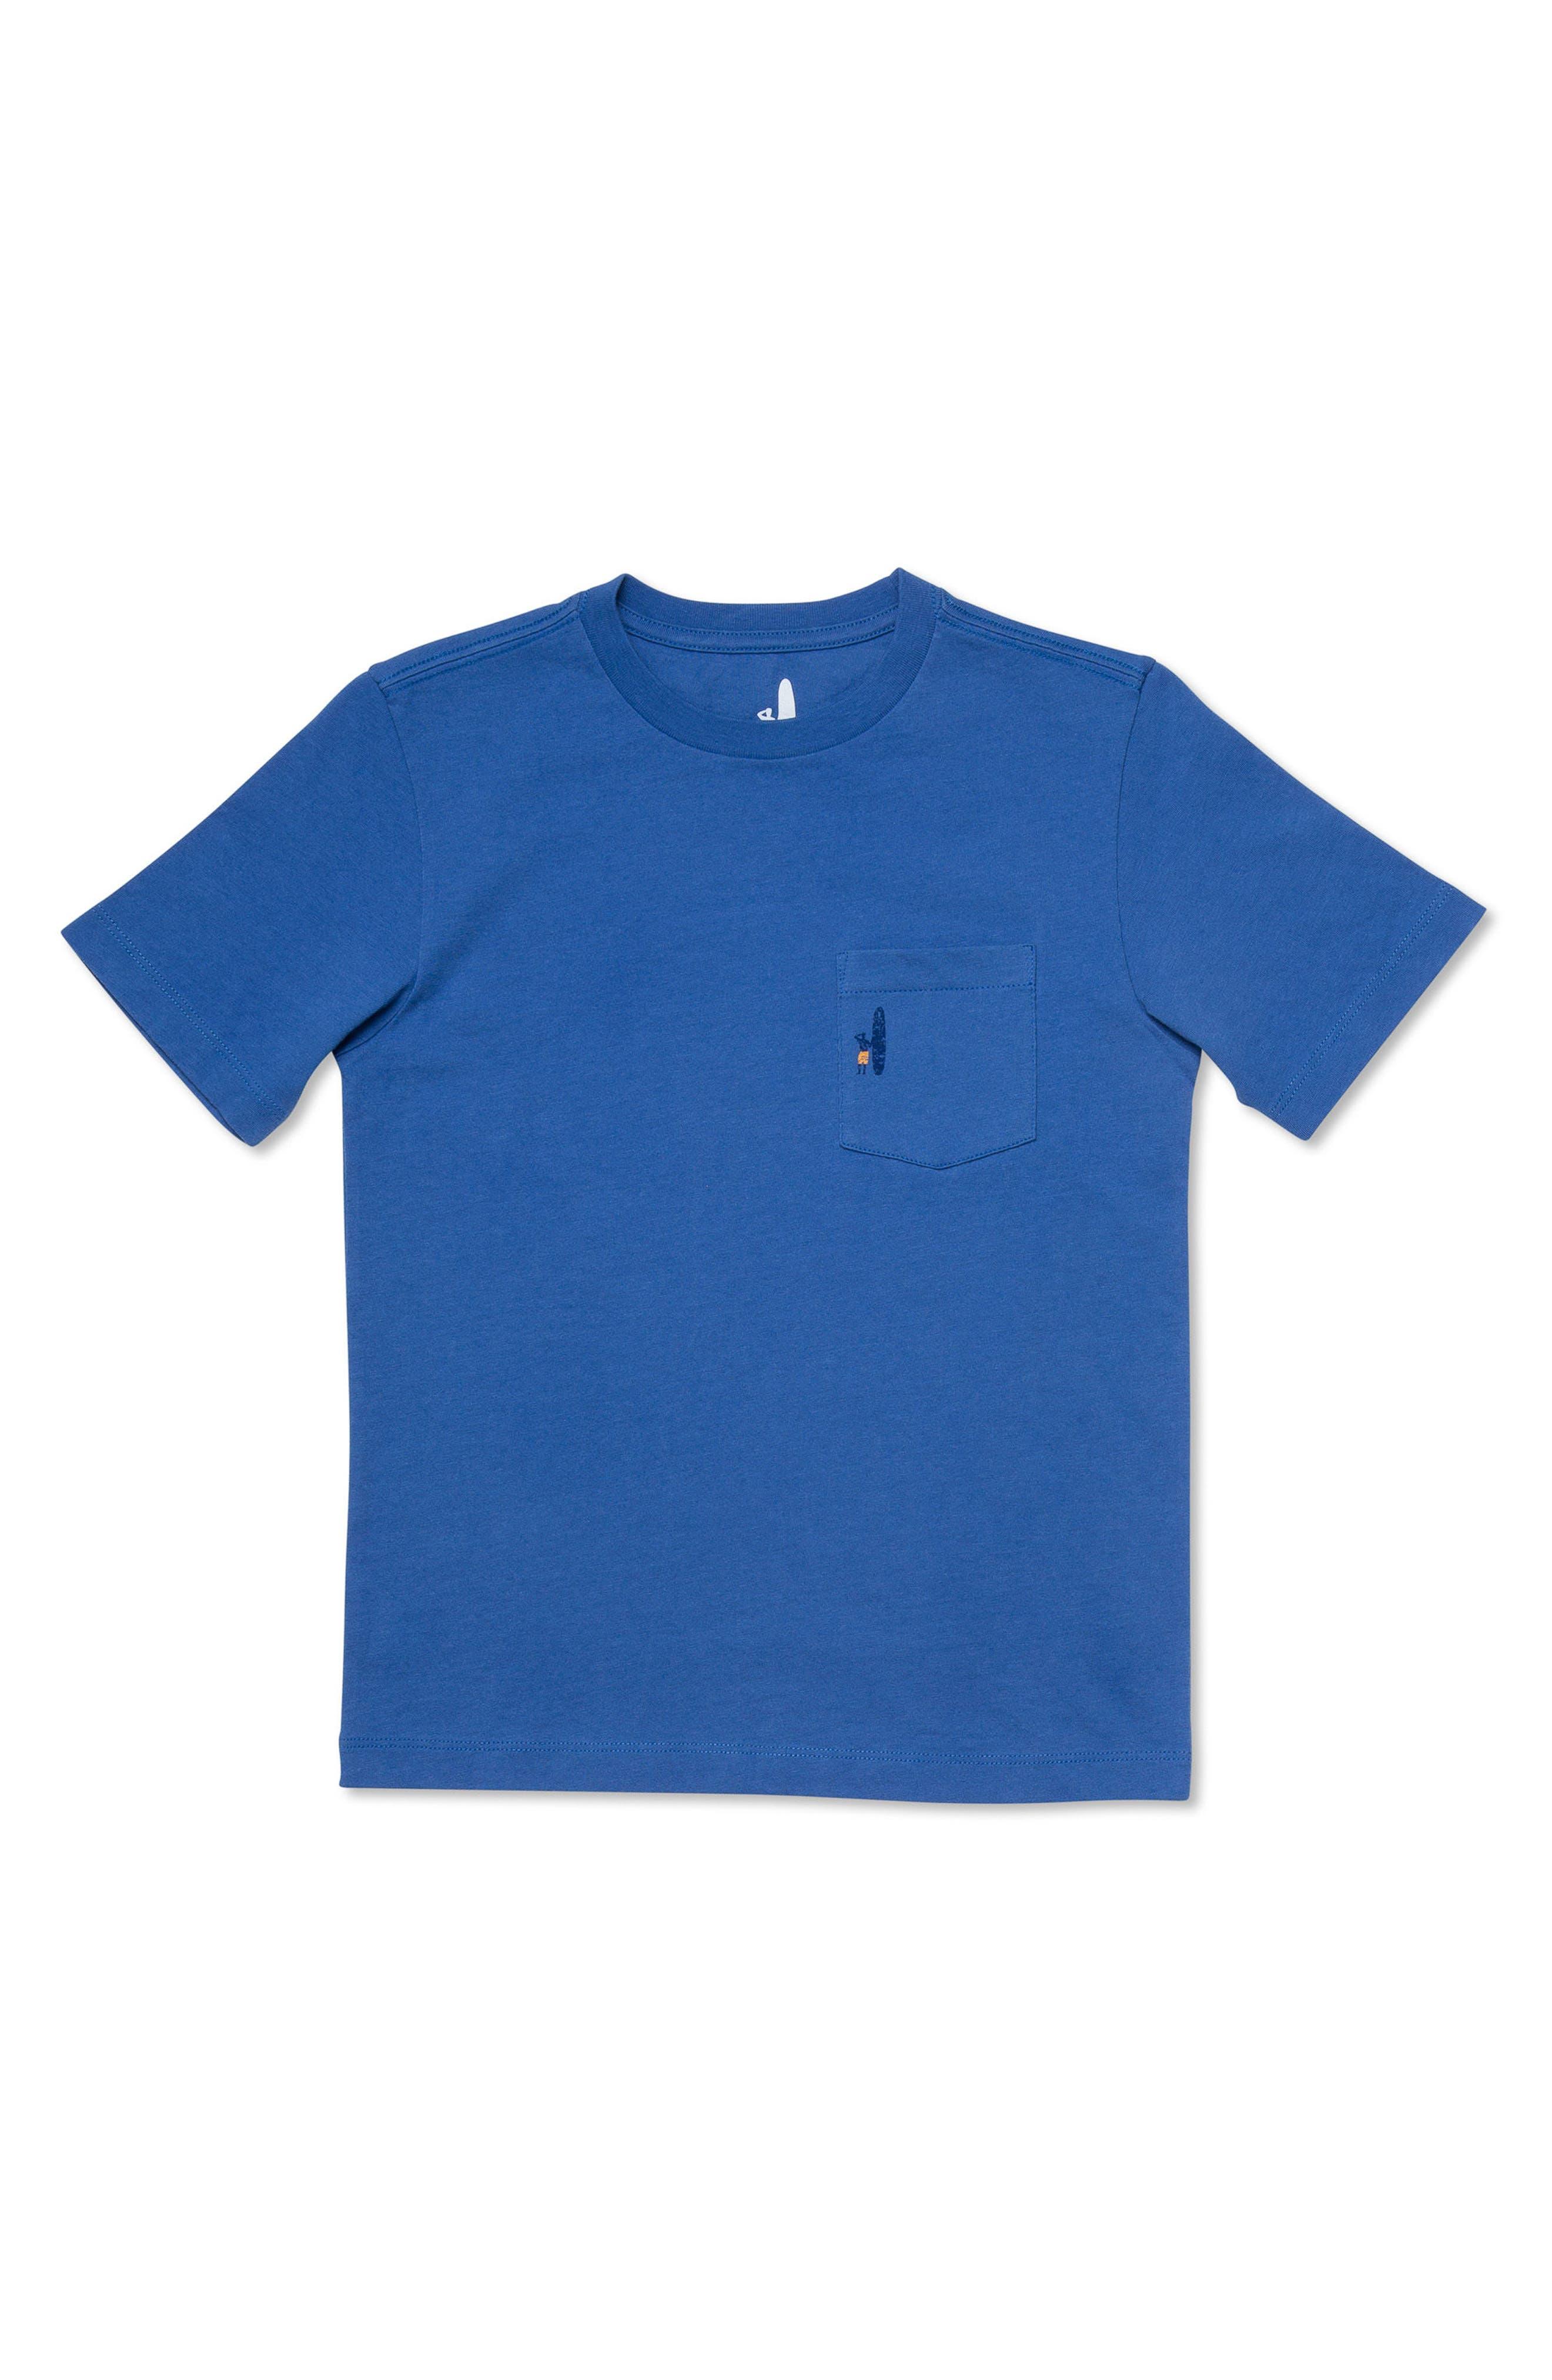 Heatwave Graphic Pocket T-Shirt,                         Main,                         color, 400